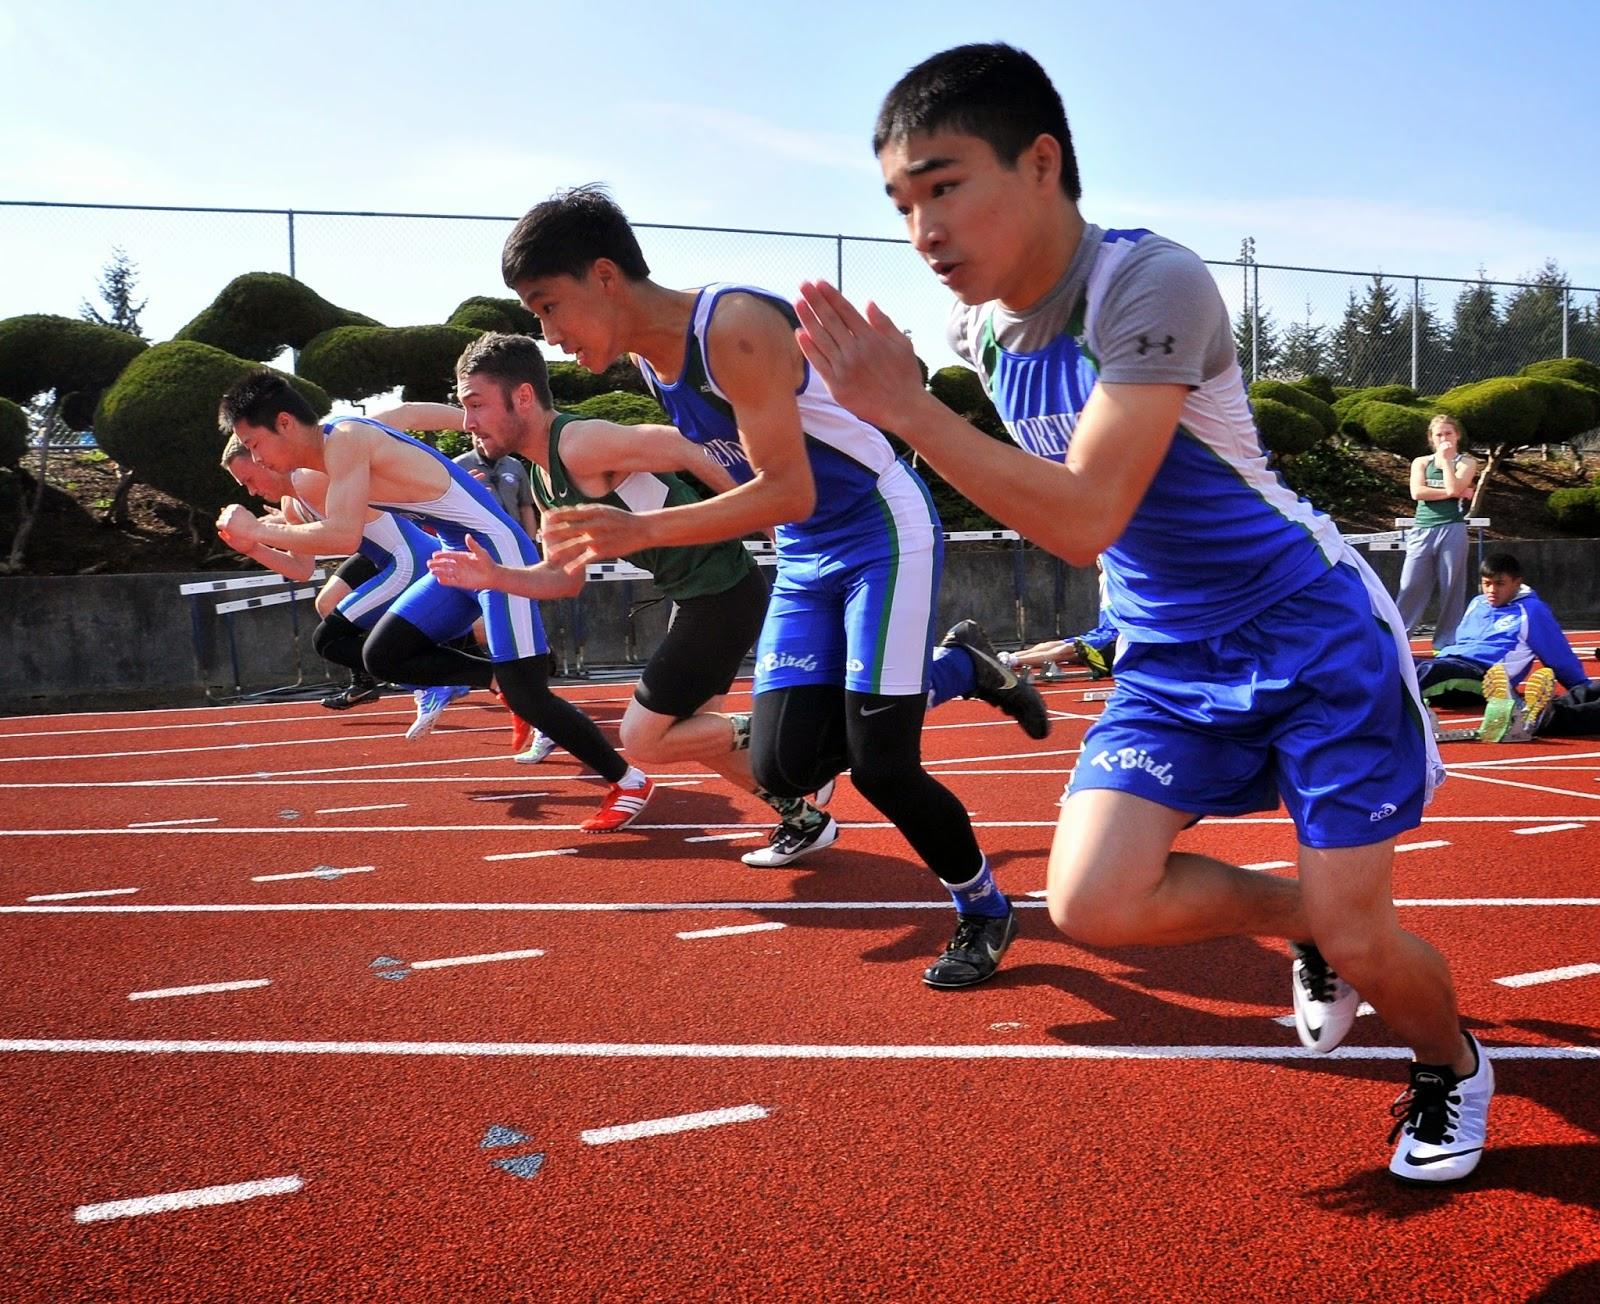 shoreline stadium track meet clipart